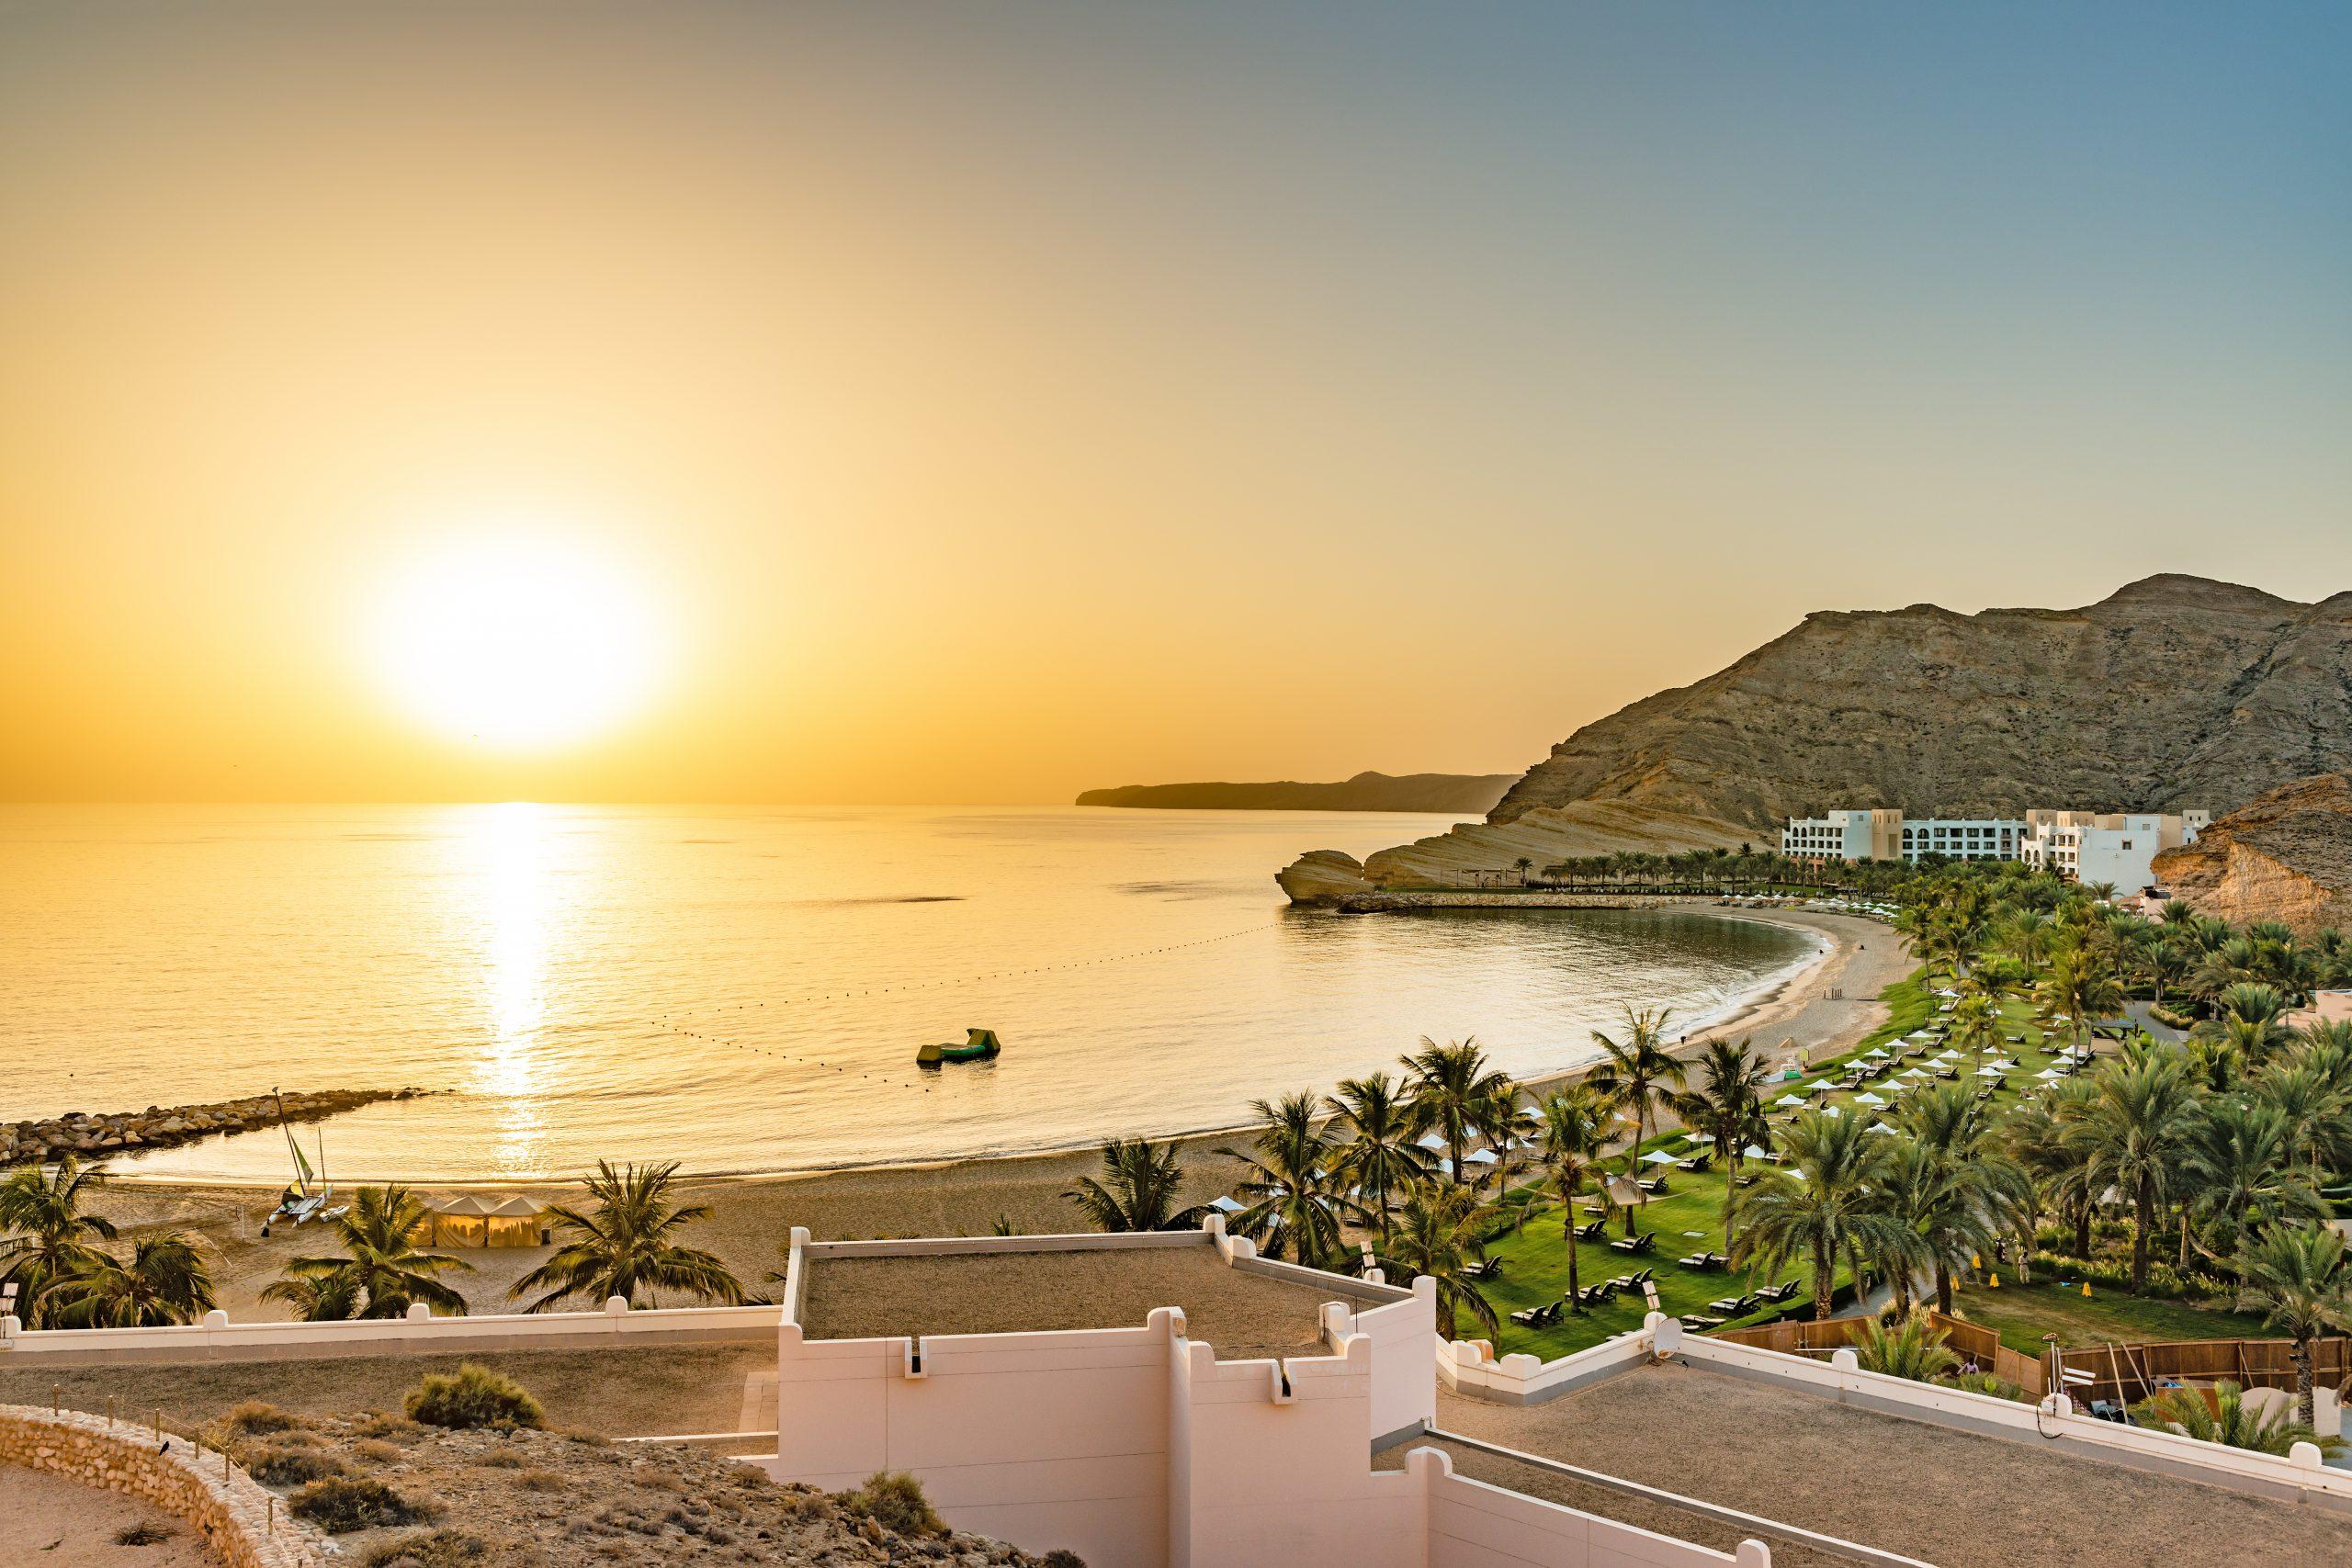 Making Oman Green Again